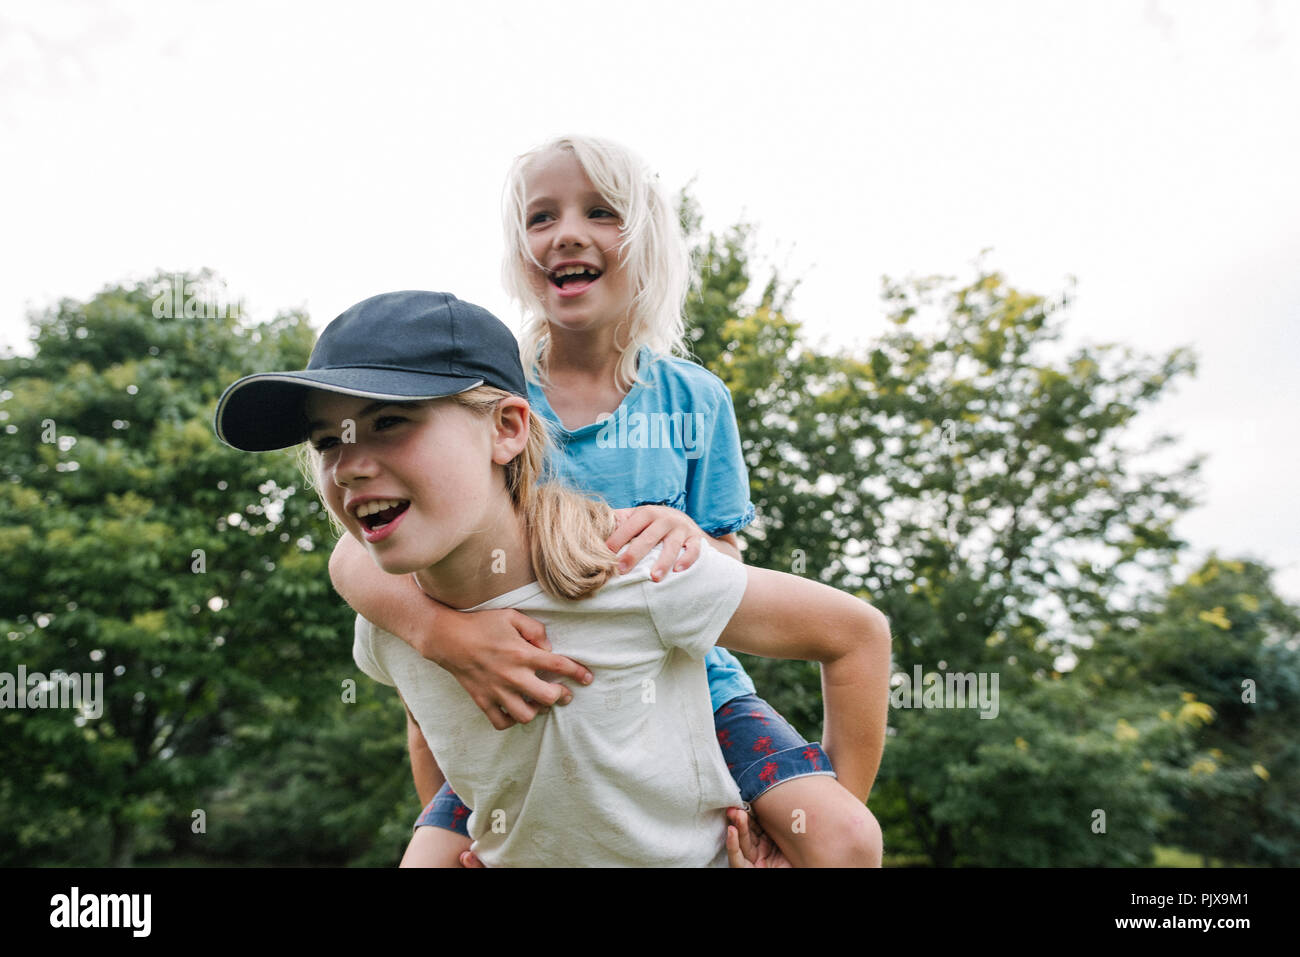 Kinder huckepack Spielen im Park Stockbild